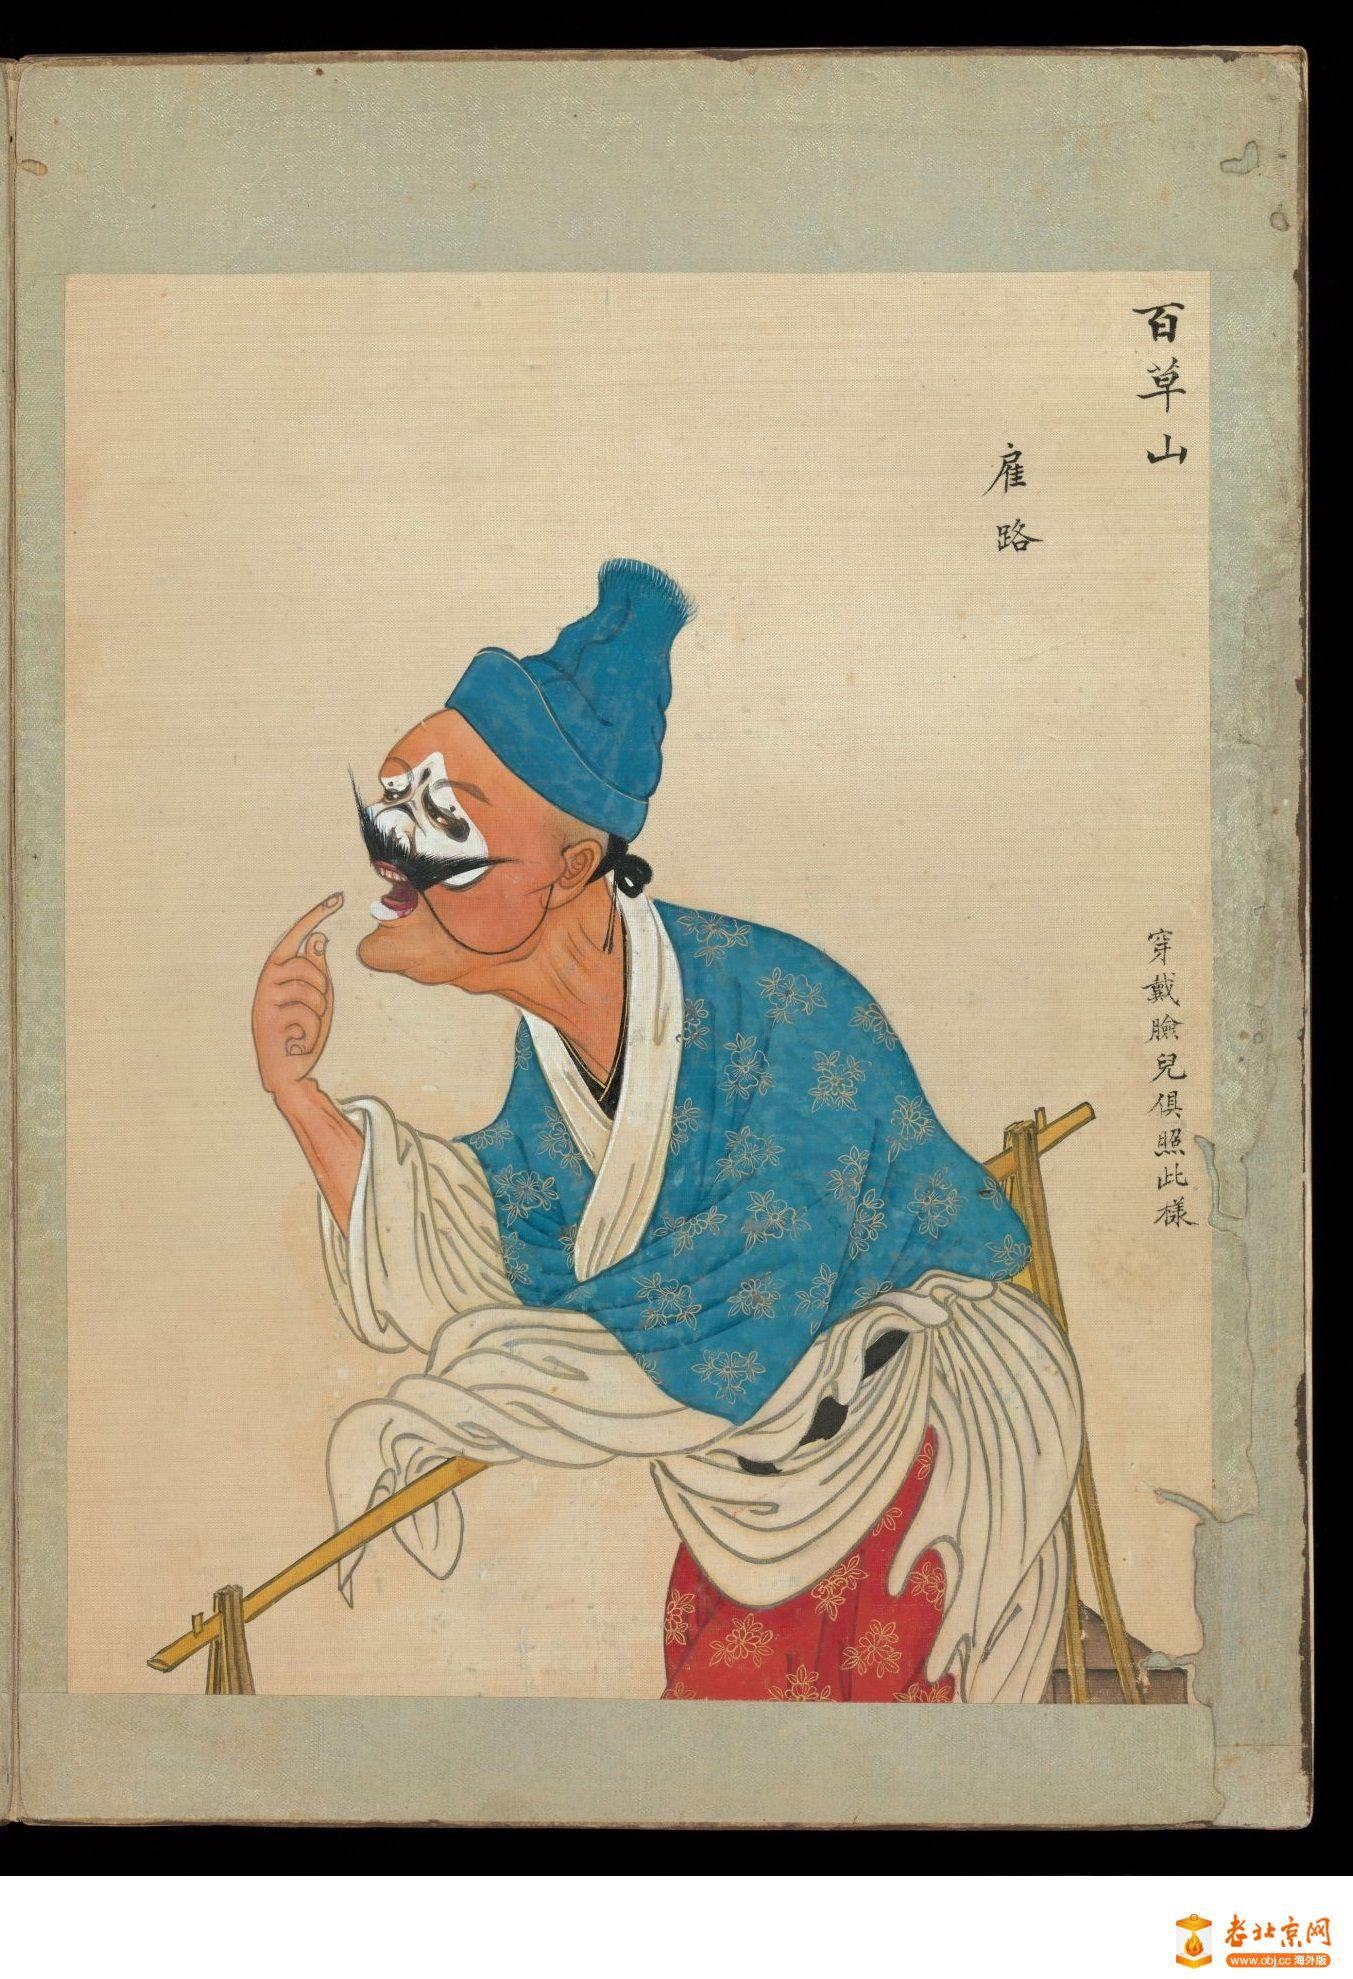 百幅京剧人物图.清代_page1a_image1.jpg